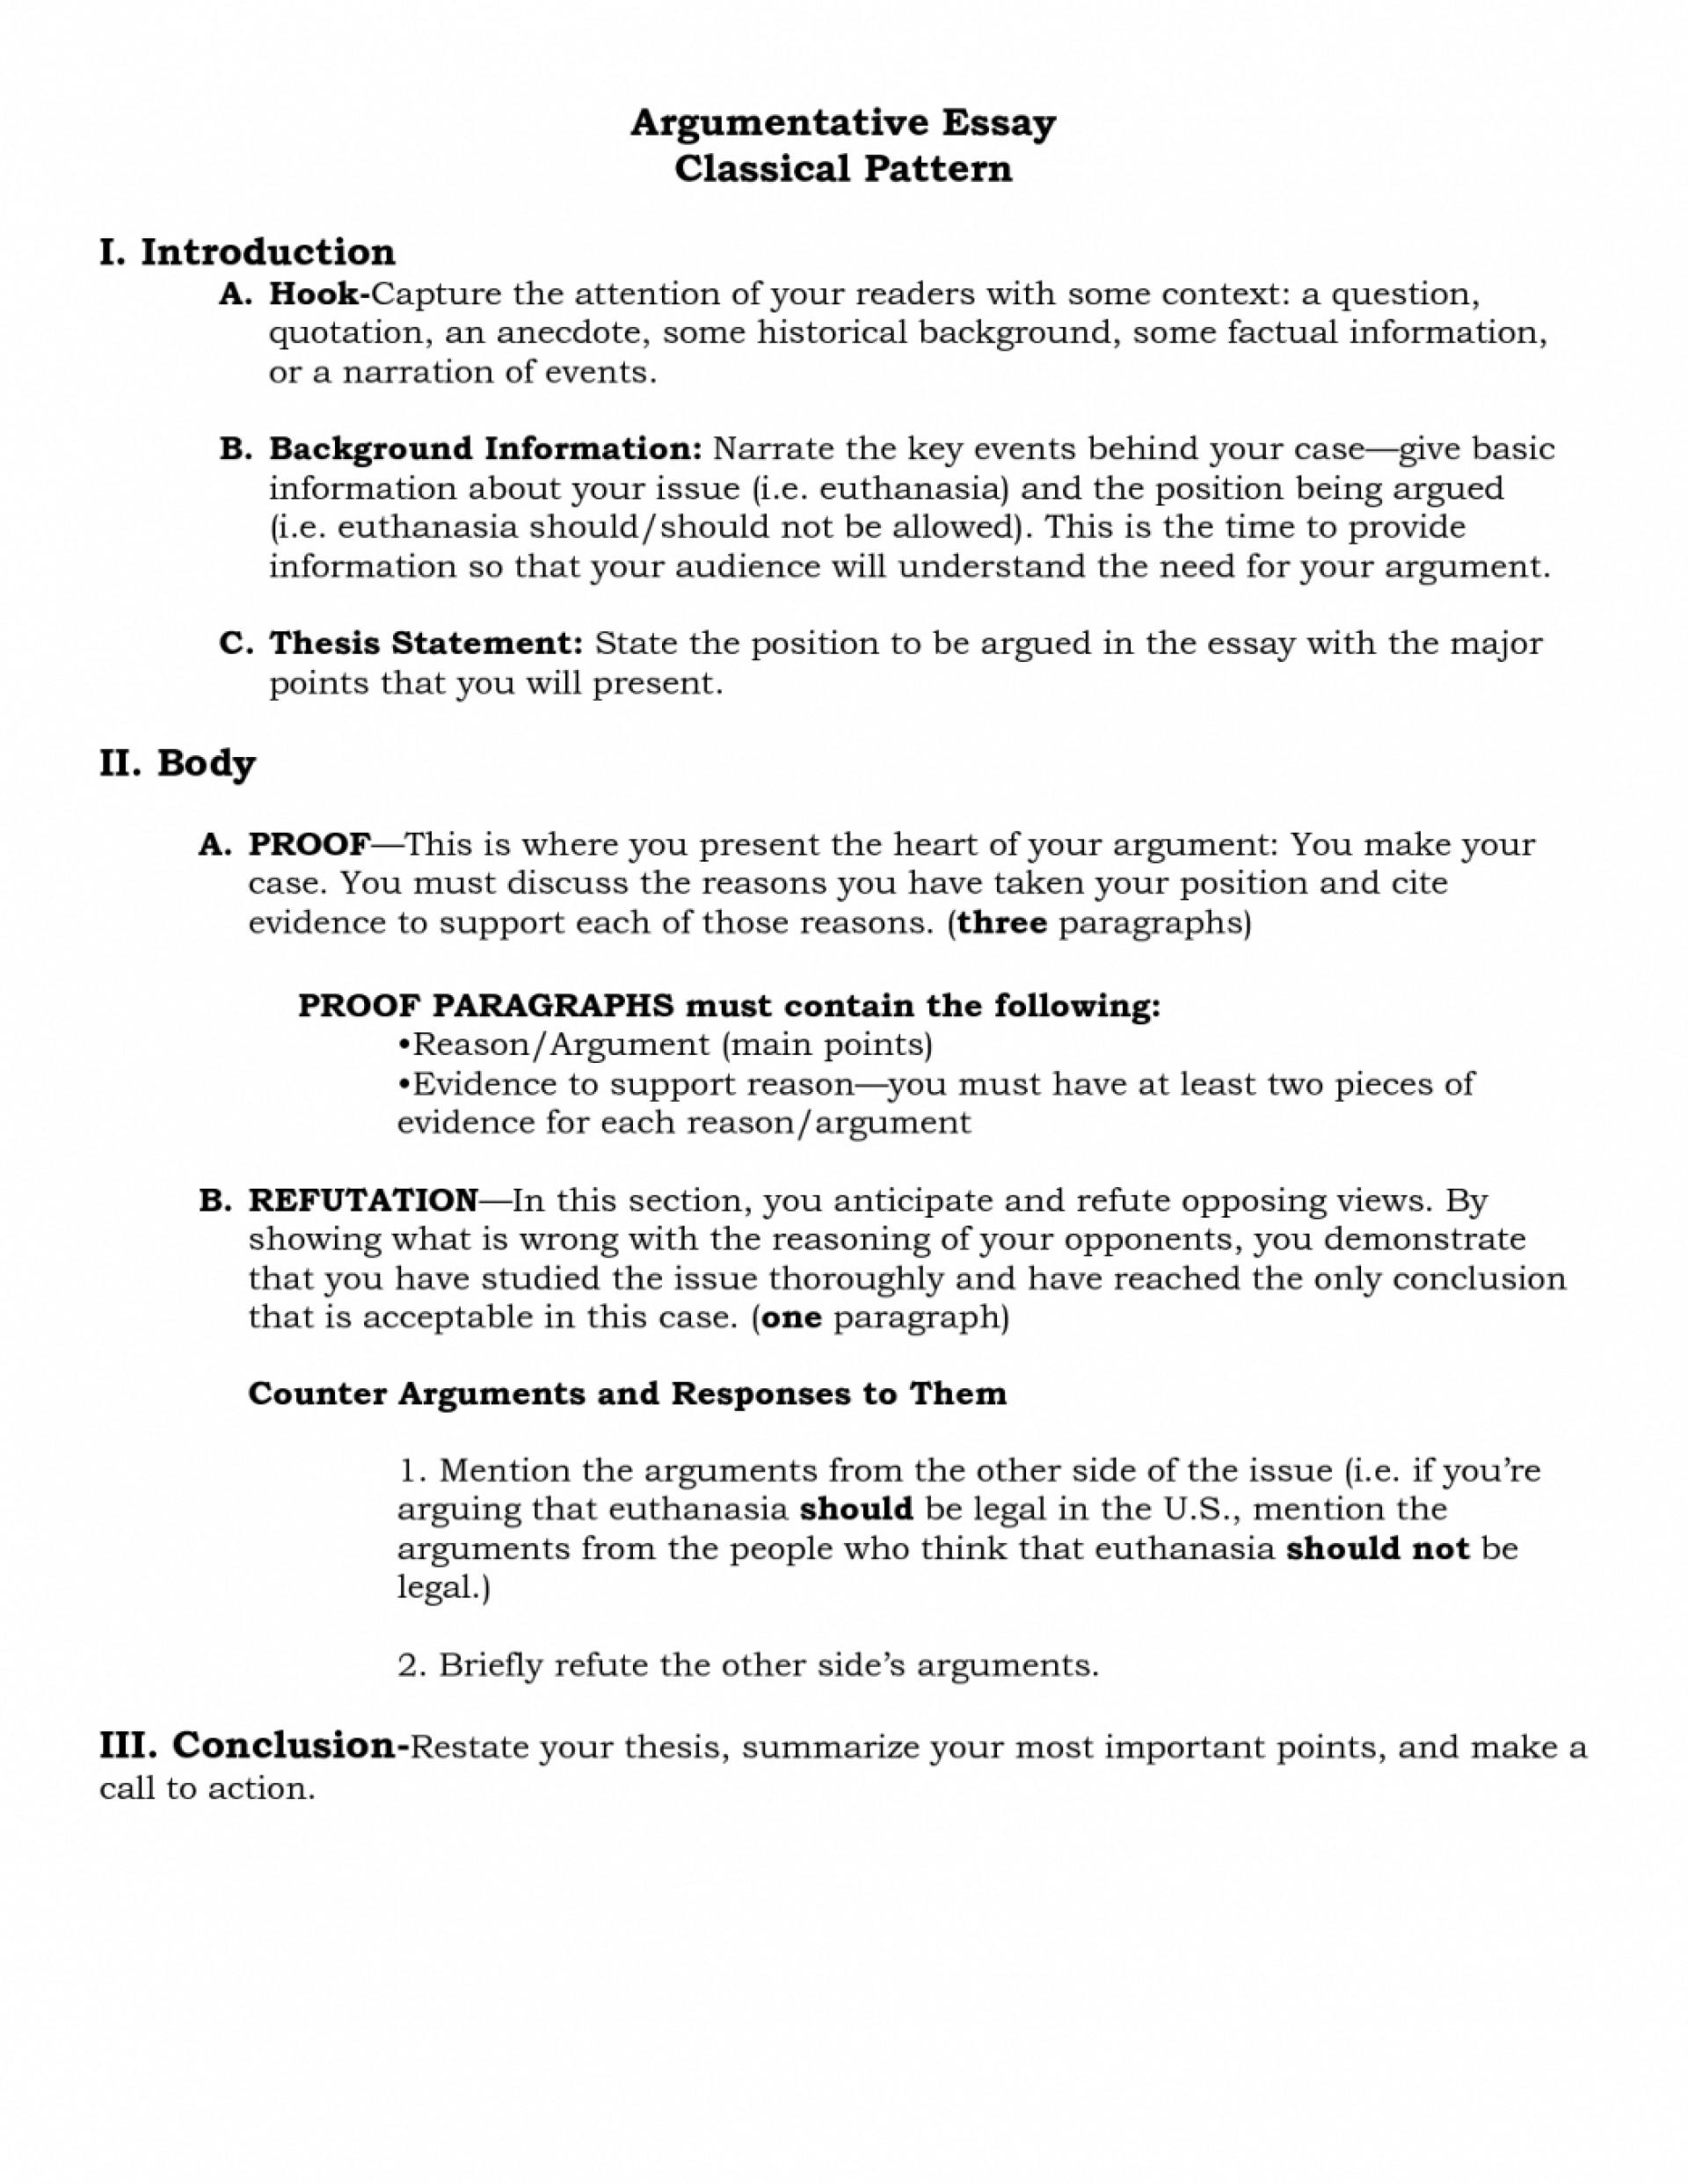 003 Argument Essay Outline Format Research An Argumentative